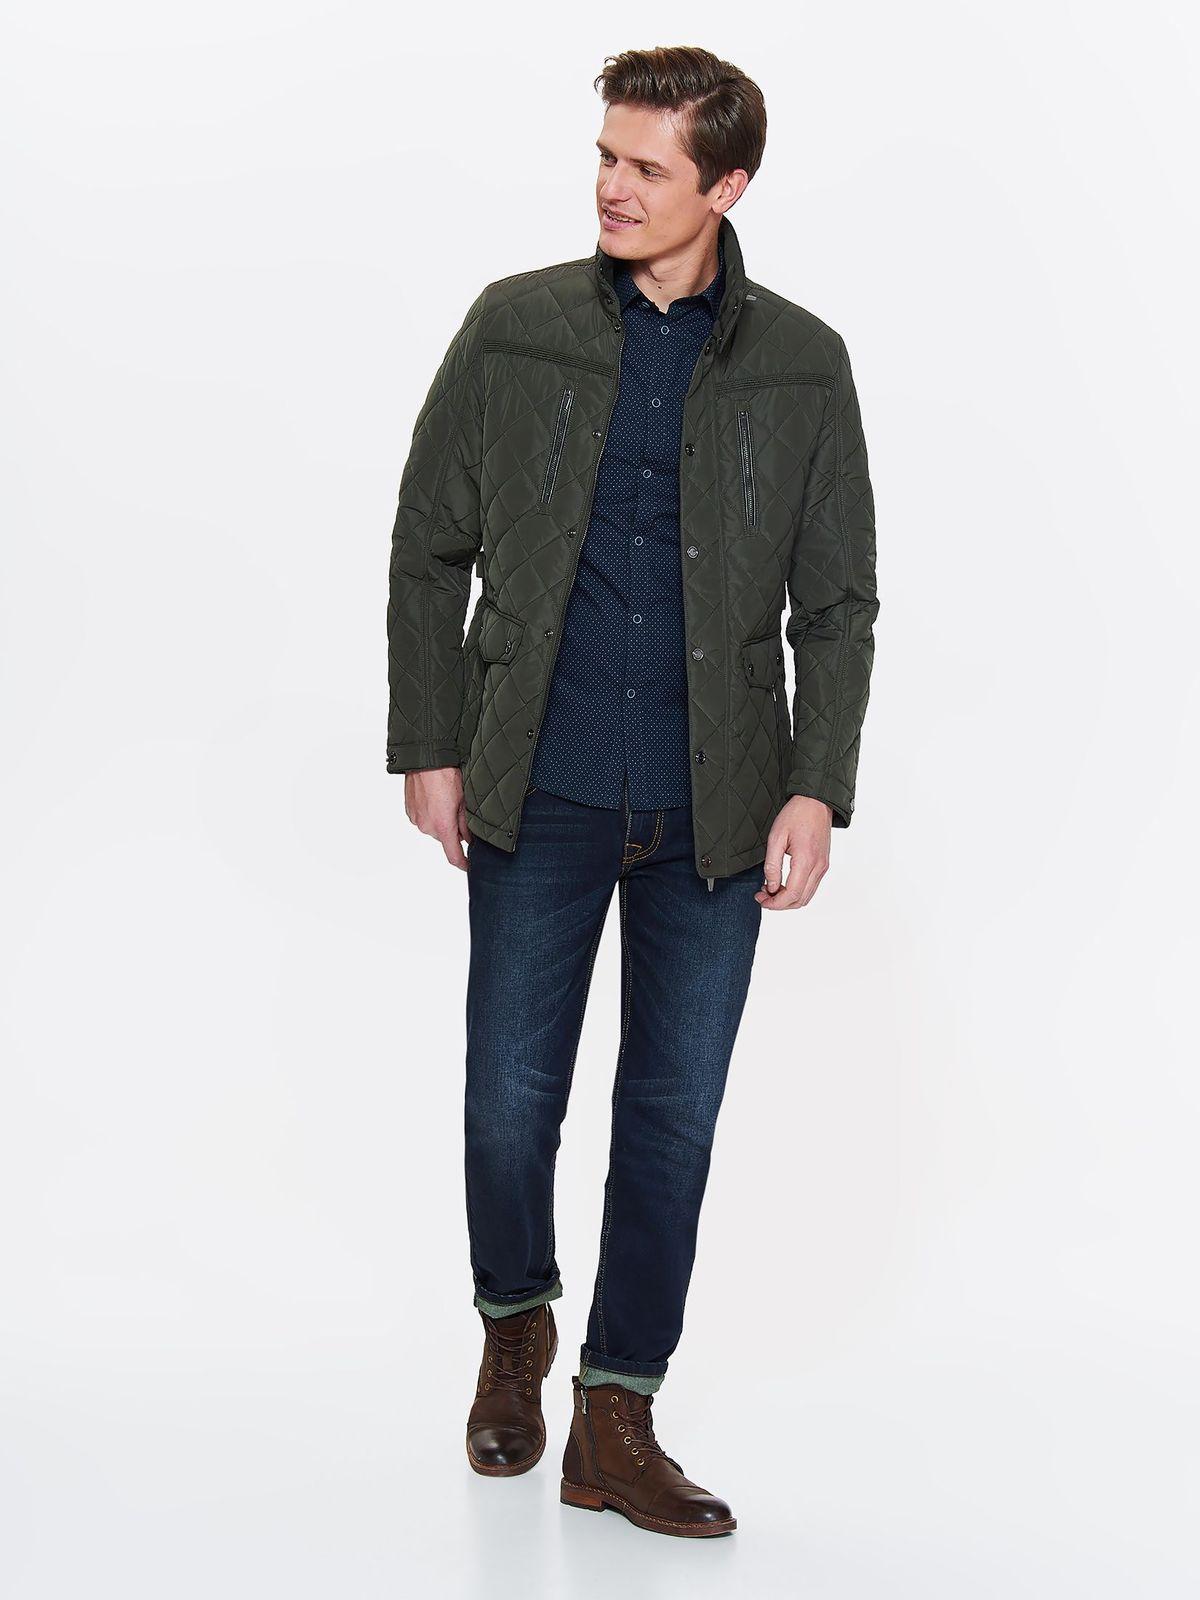 Куртка мужская Top Secret, цвет: зеленый. SKU0851ZI. Размер M (46)SKU0851ZI